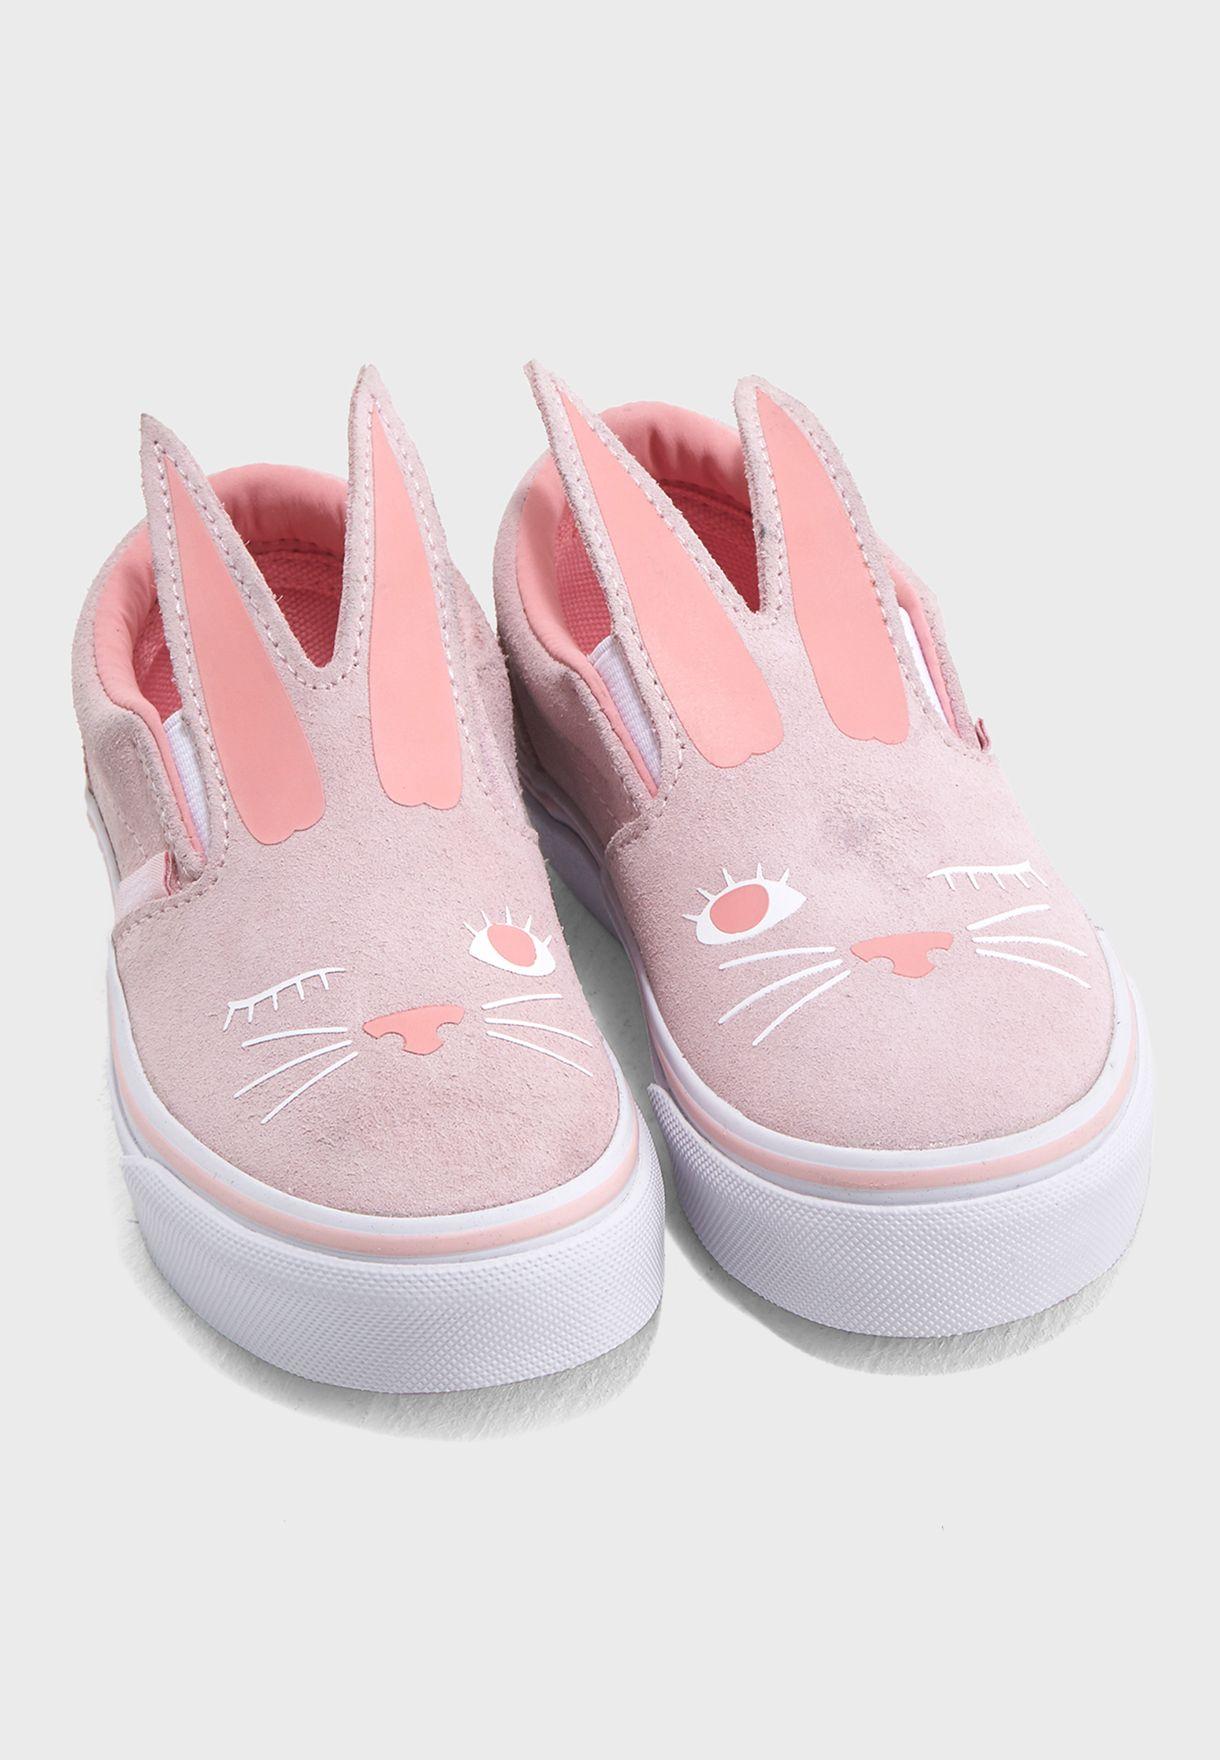 f780a3a88 تسوق حذاء بشكل الارنب ماركة فانز لون وردي MVYQ1C في السعودية ...